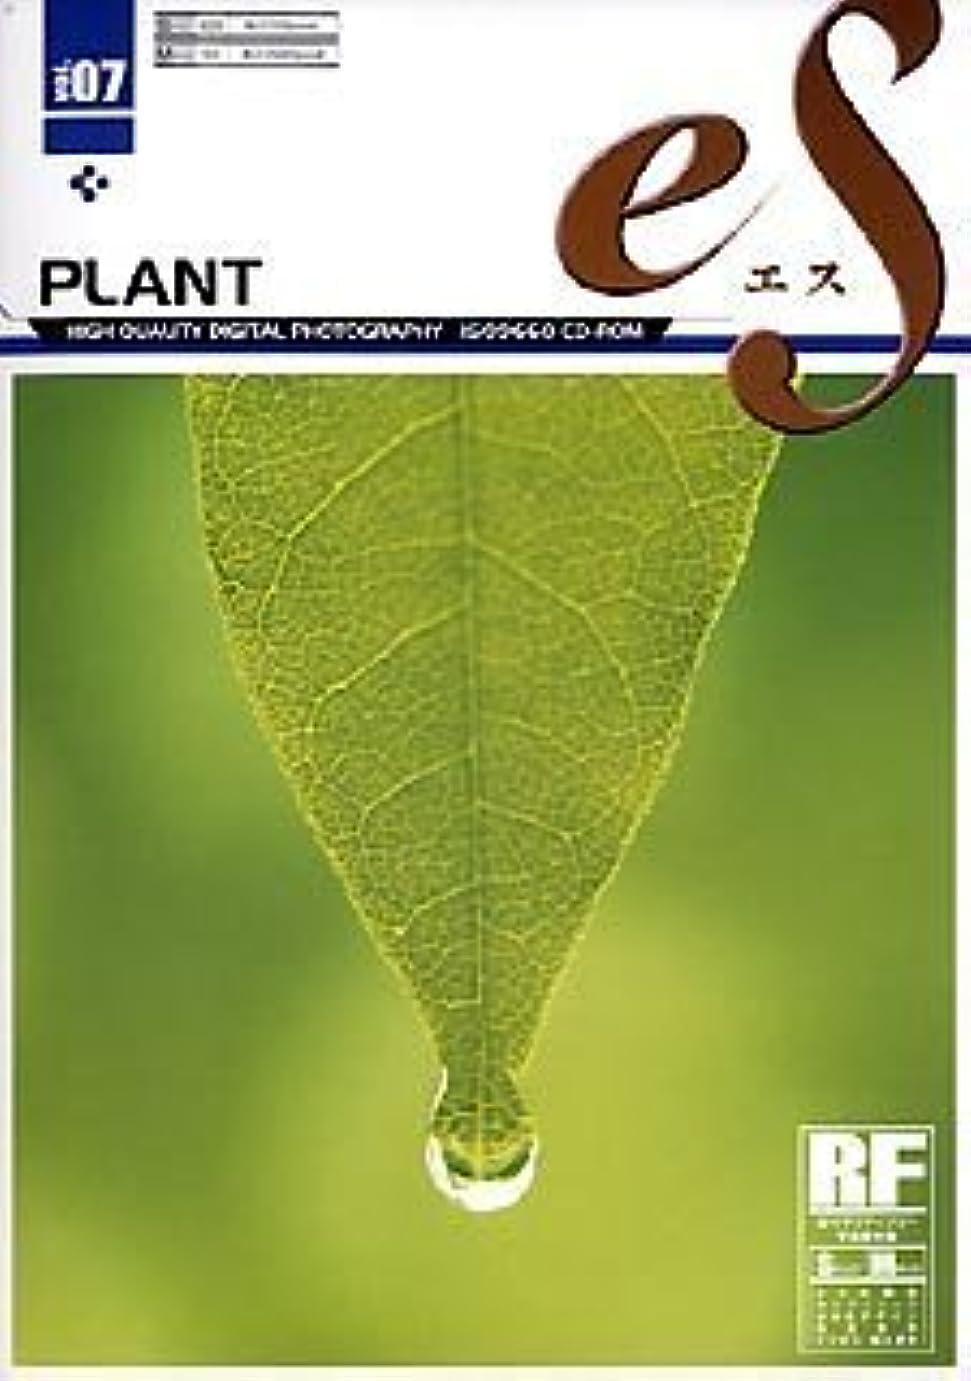 単なるボトルネック嫌がるeS Vol.07 植物 ~PLANT~